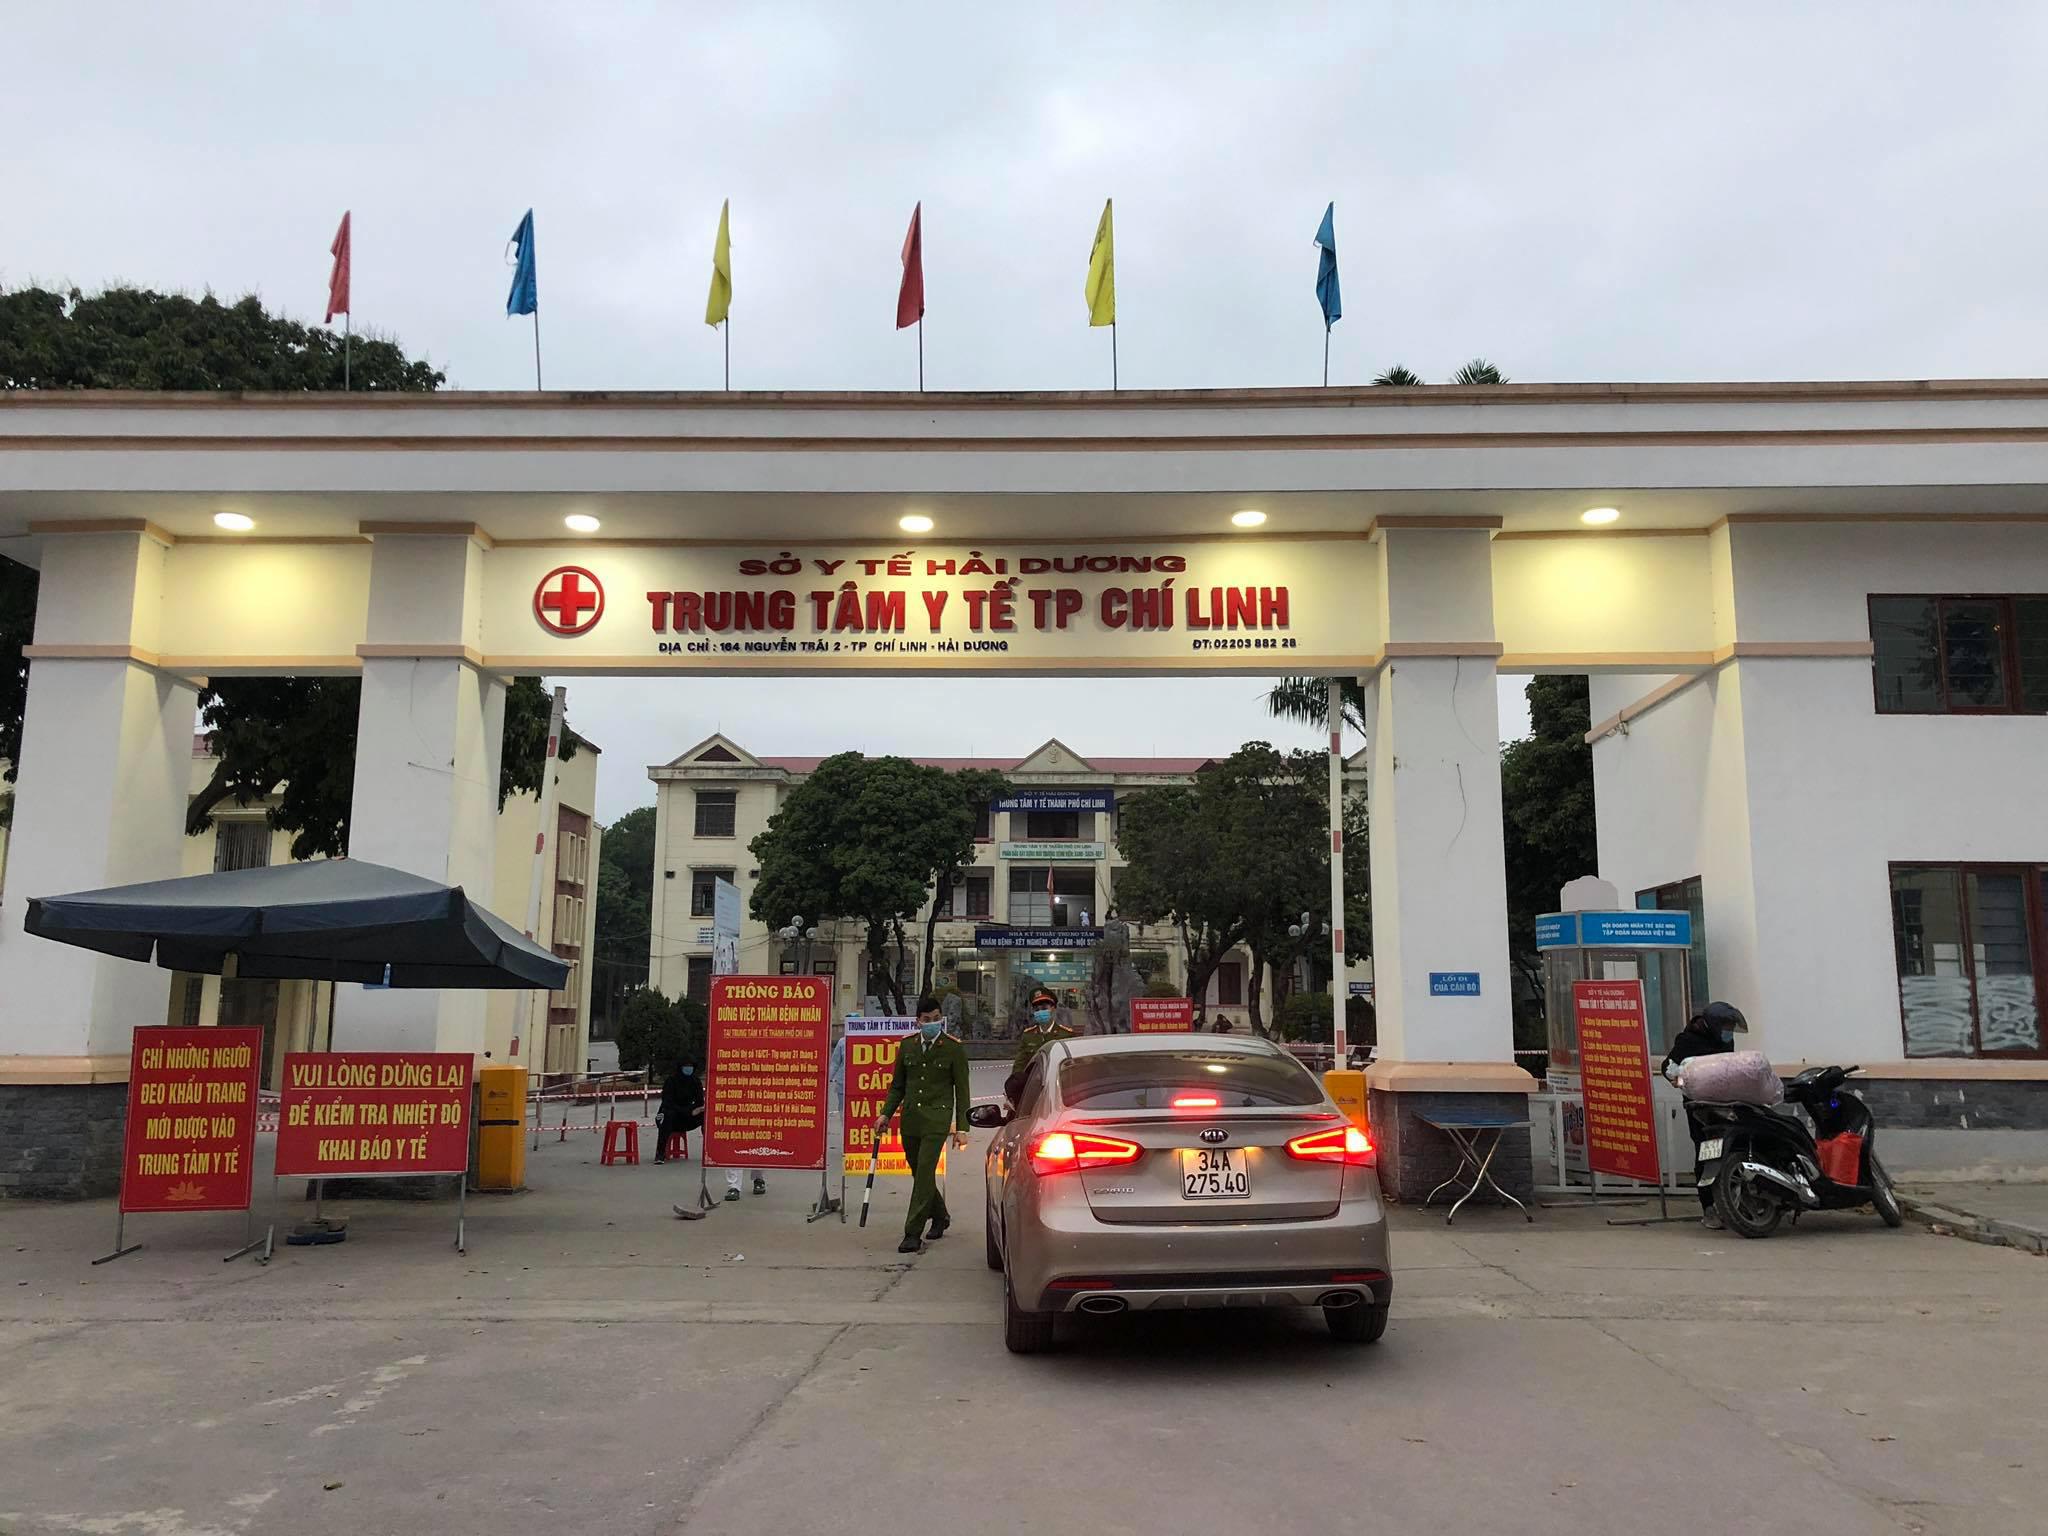 Bệnh viện dã chiến số một đặt tại Trung tâm Y tế Chí Linh, Hải Dương. Ảnh: bác sĩ cung cấp.